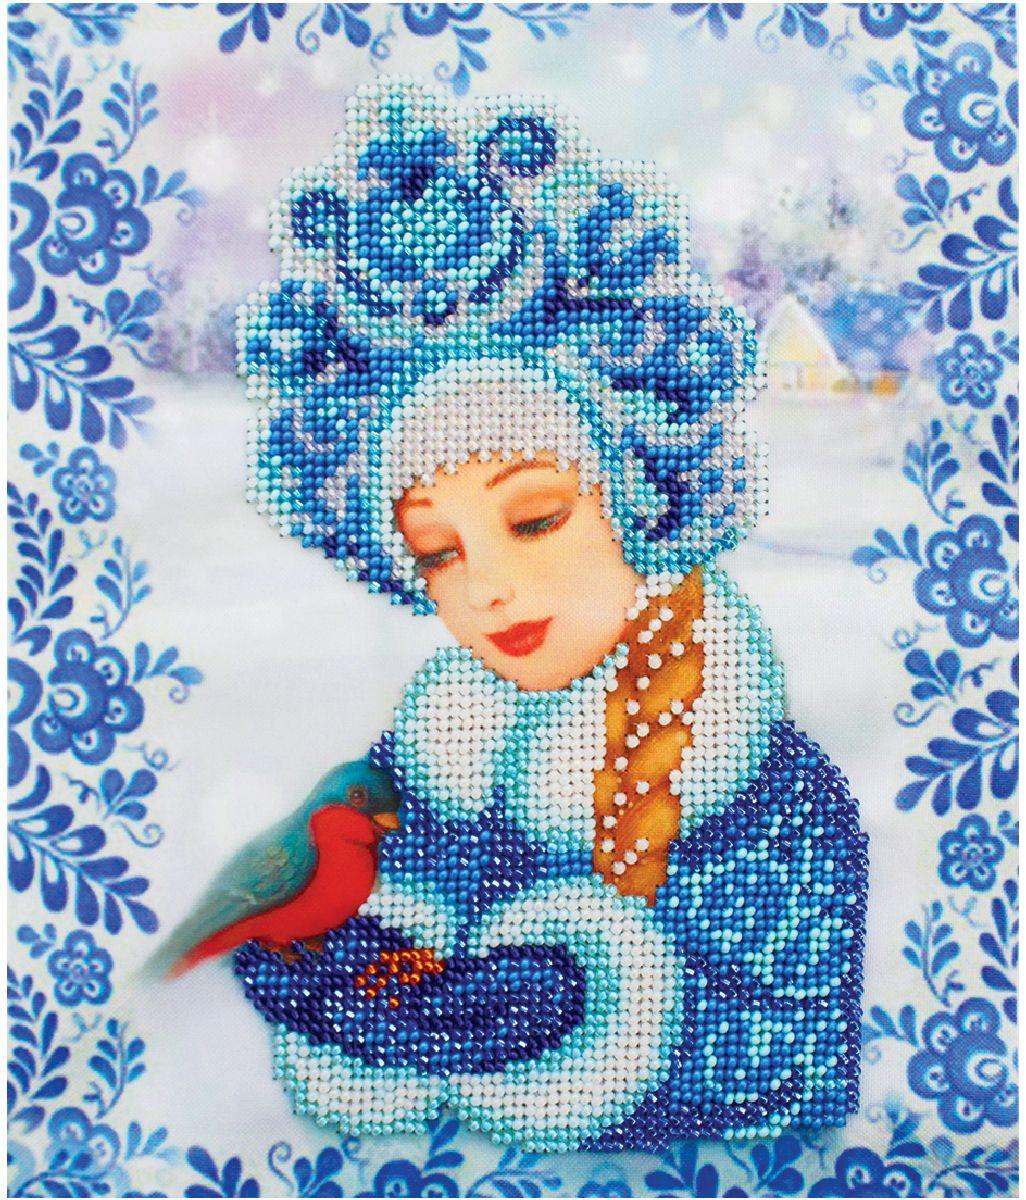 Набор для вышивания бисером Бисеринка Снегурочка, 18,5 х 22 см набор для вышивания бисером бисеринка под зонтиком 12 х 12 см